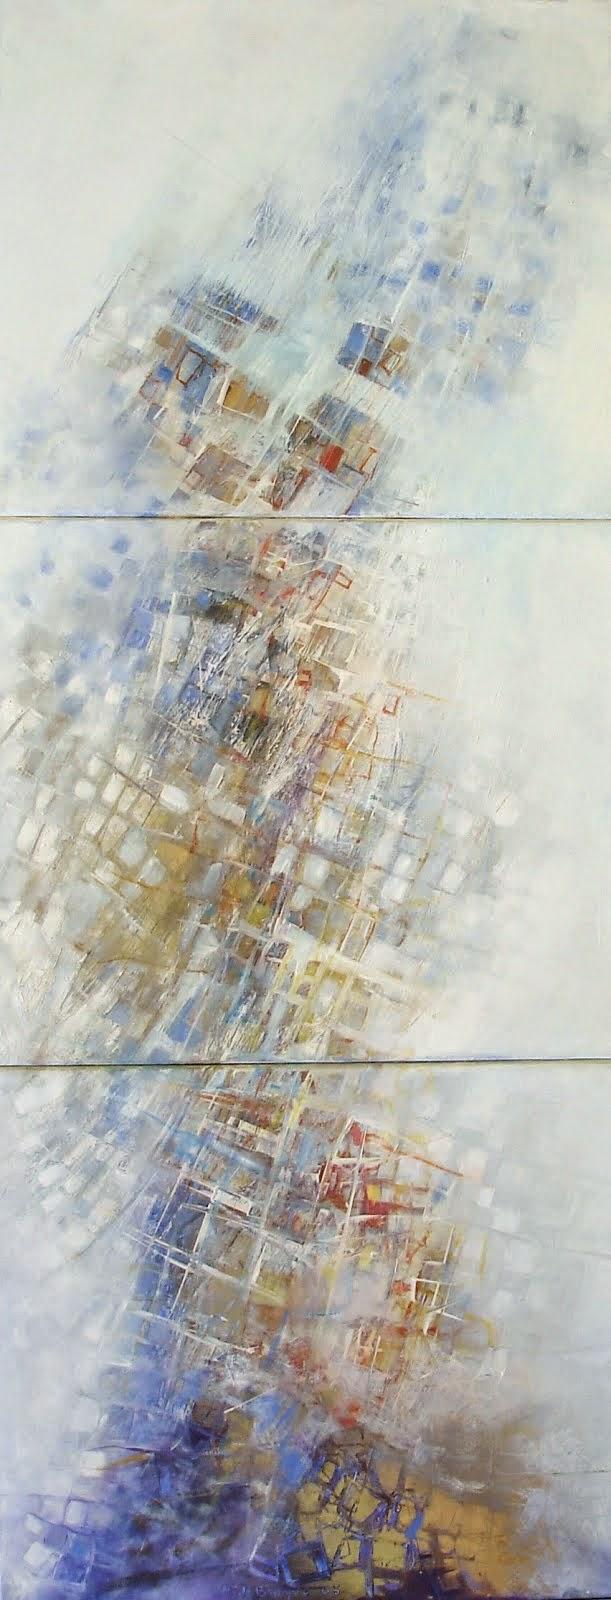 D'or et de lumière - 70 x 180 cm - 2005